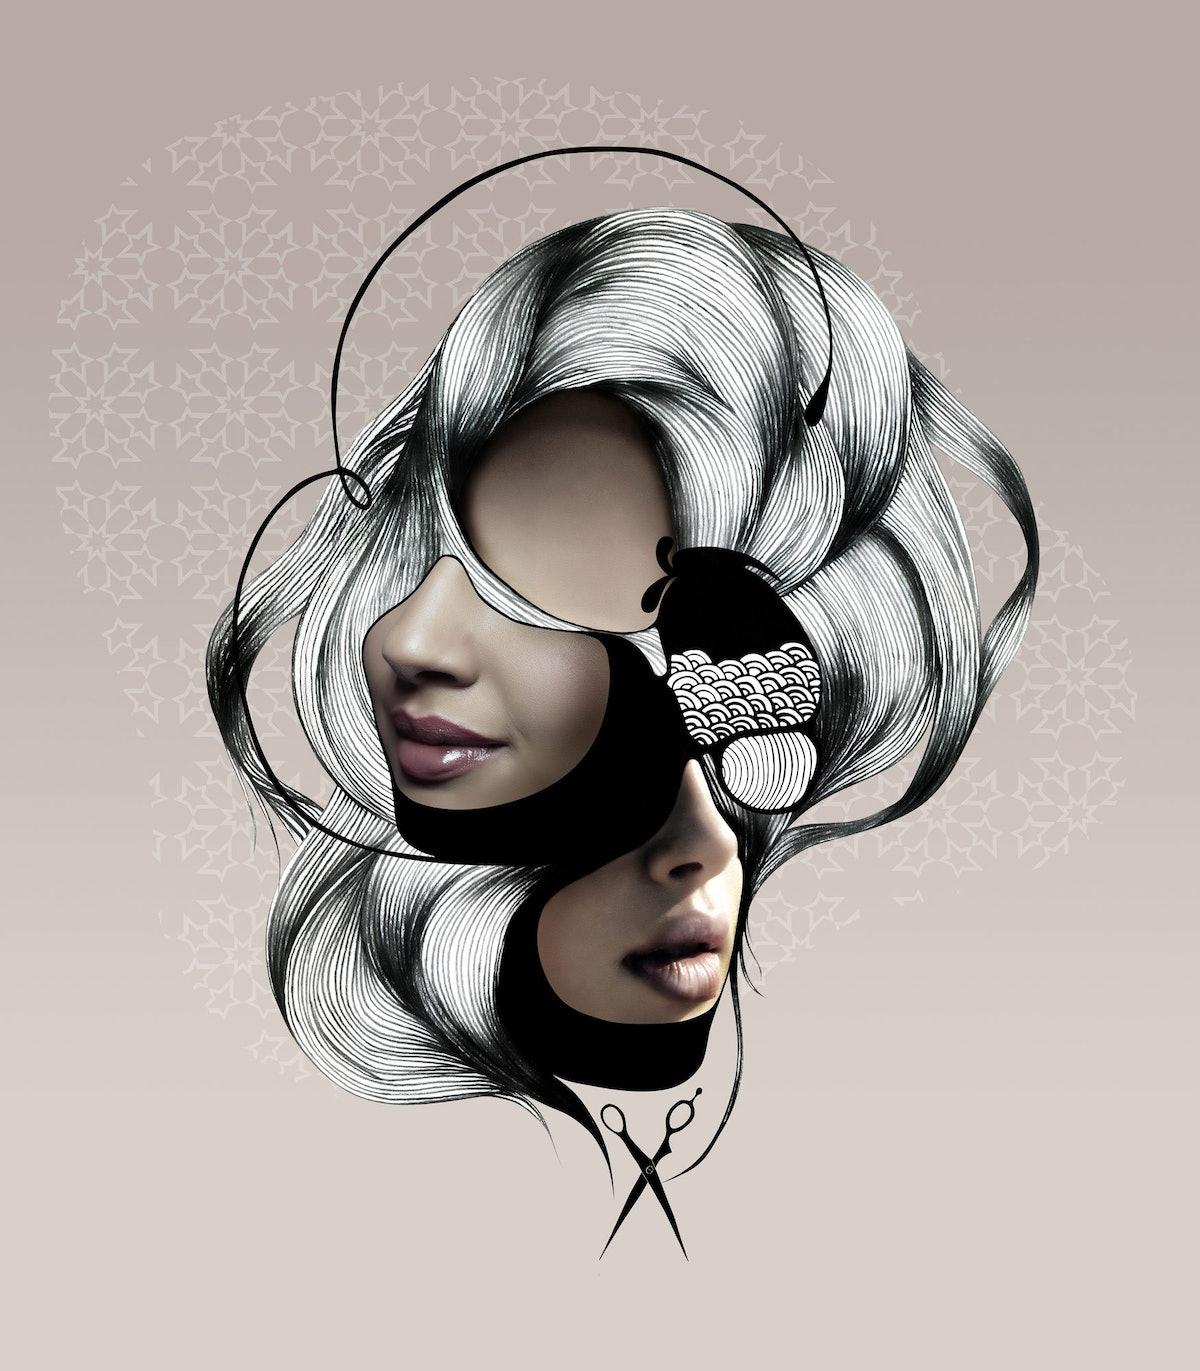 hair+veil-Wmagazine-geraldine-georges